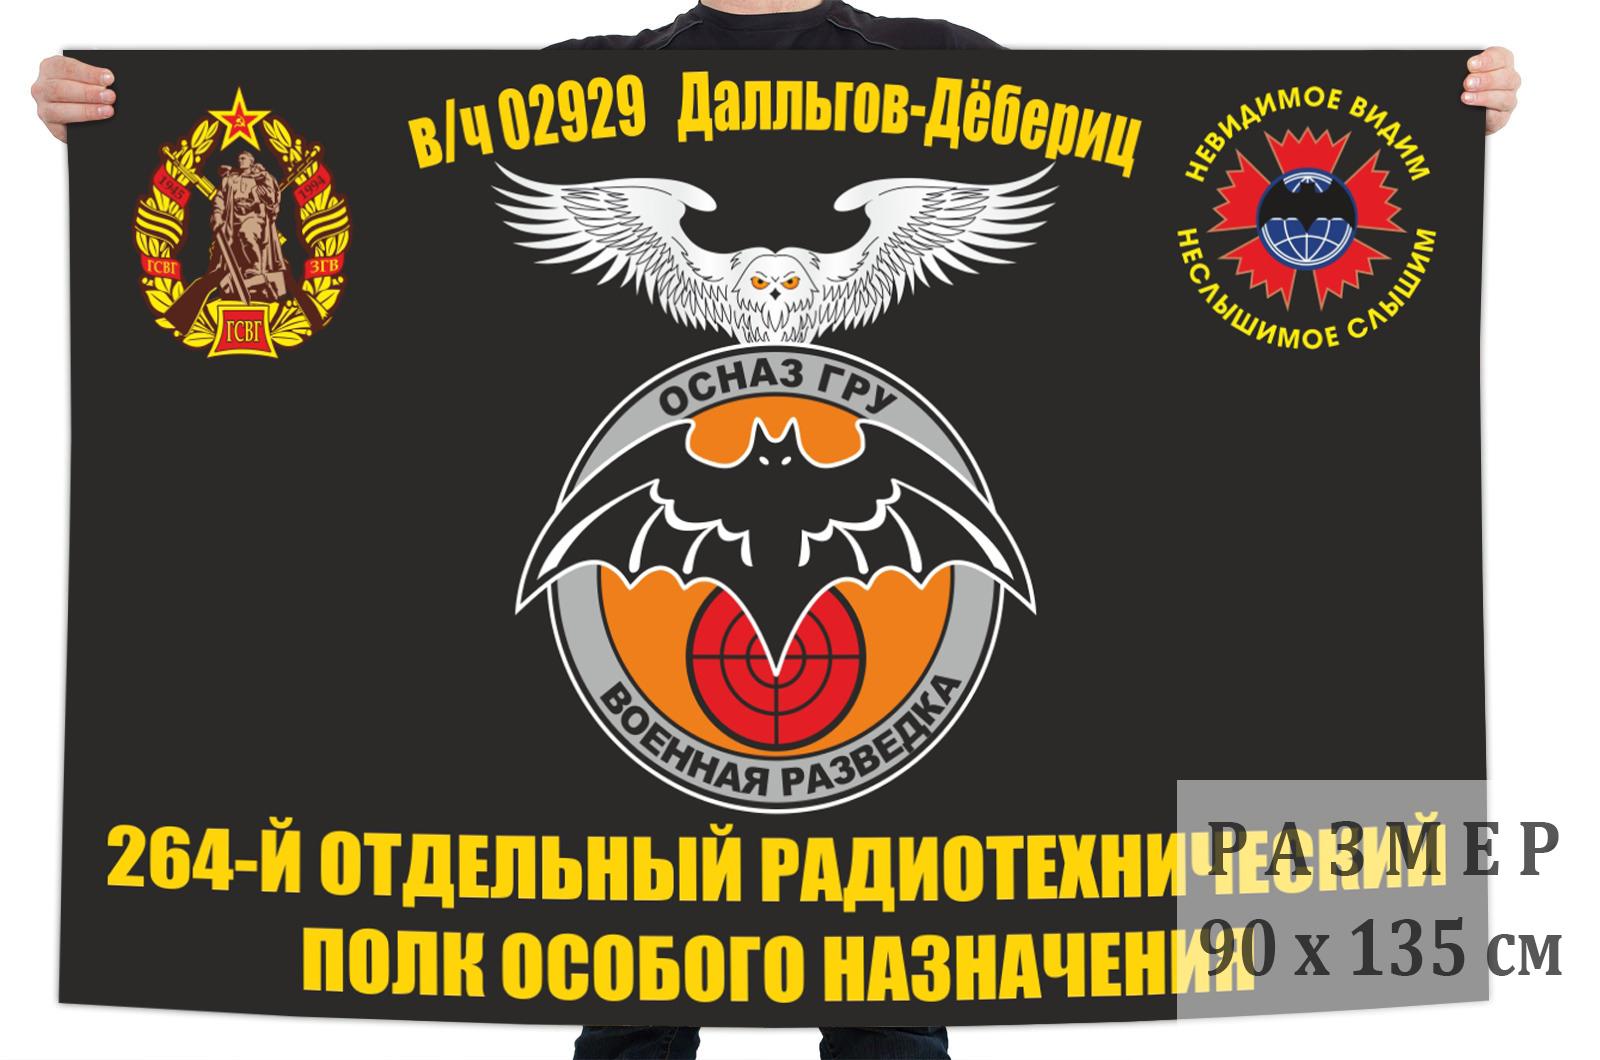 Флаг 264 отдельного радиотехнического полка особого назначения ГРУ